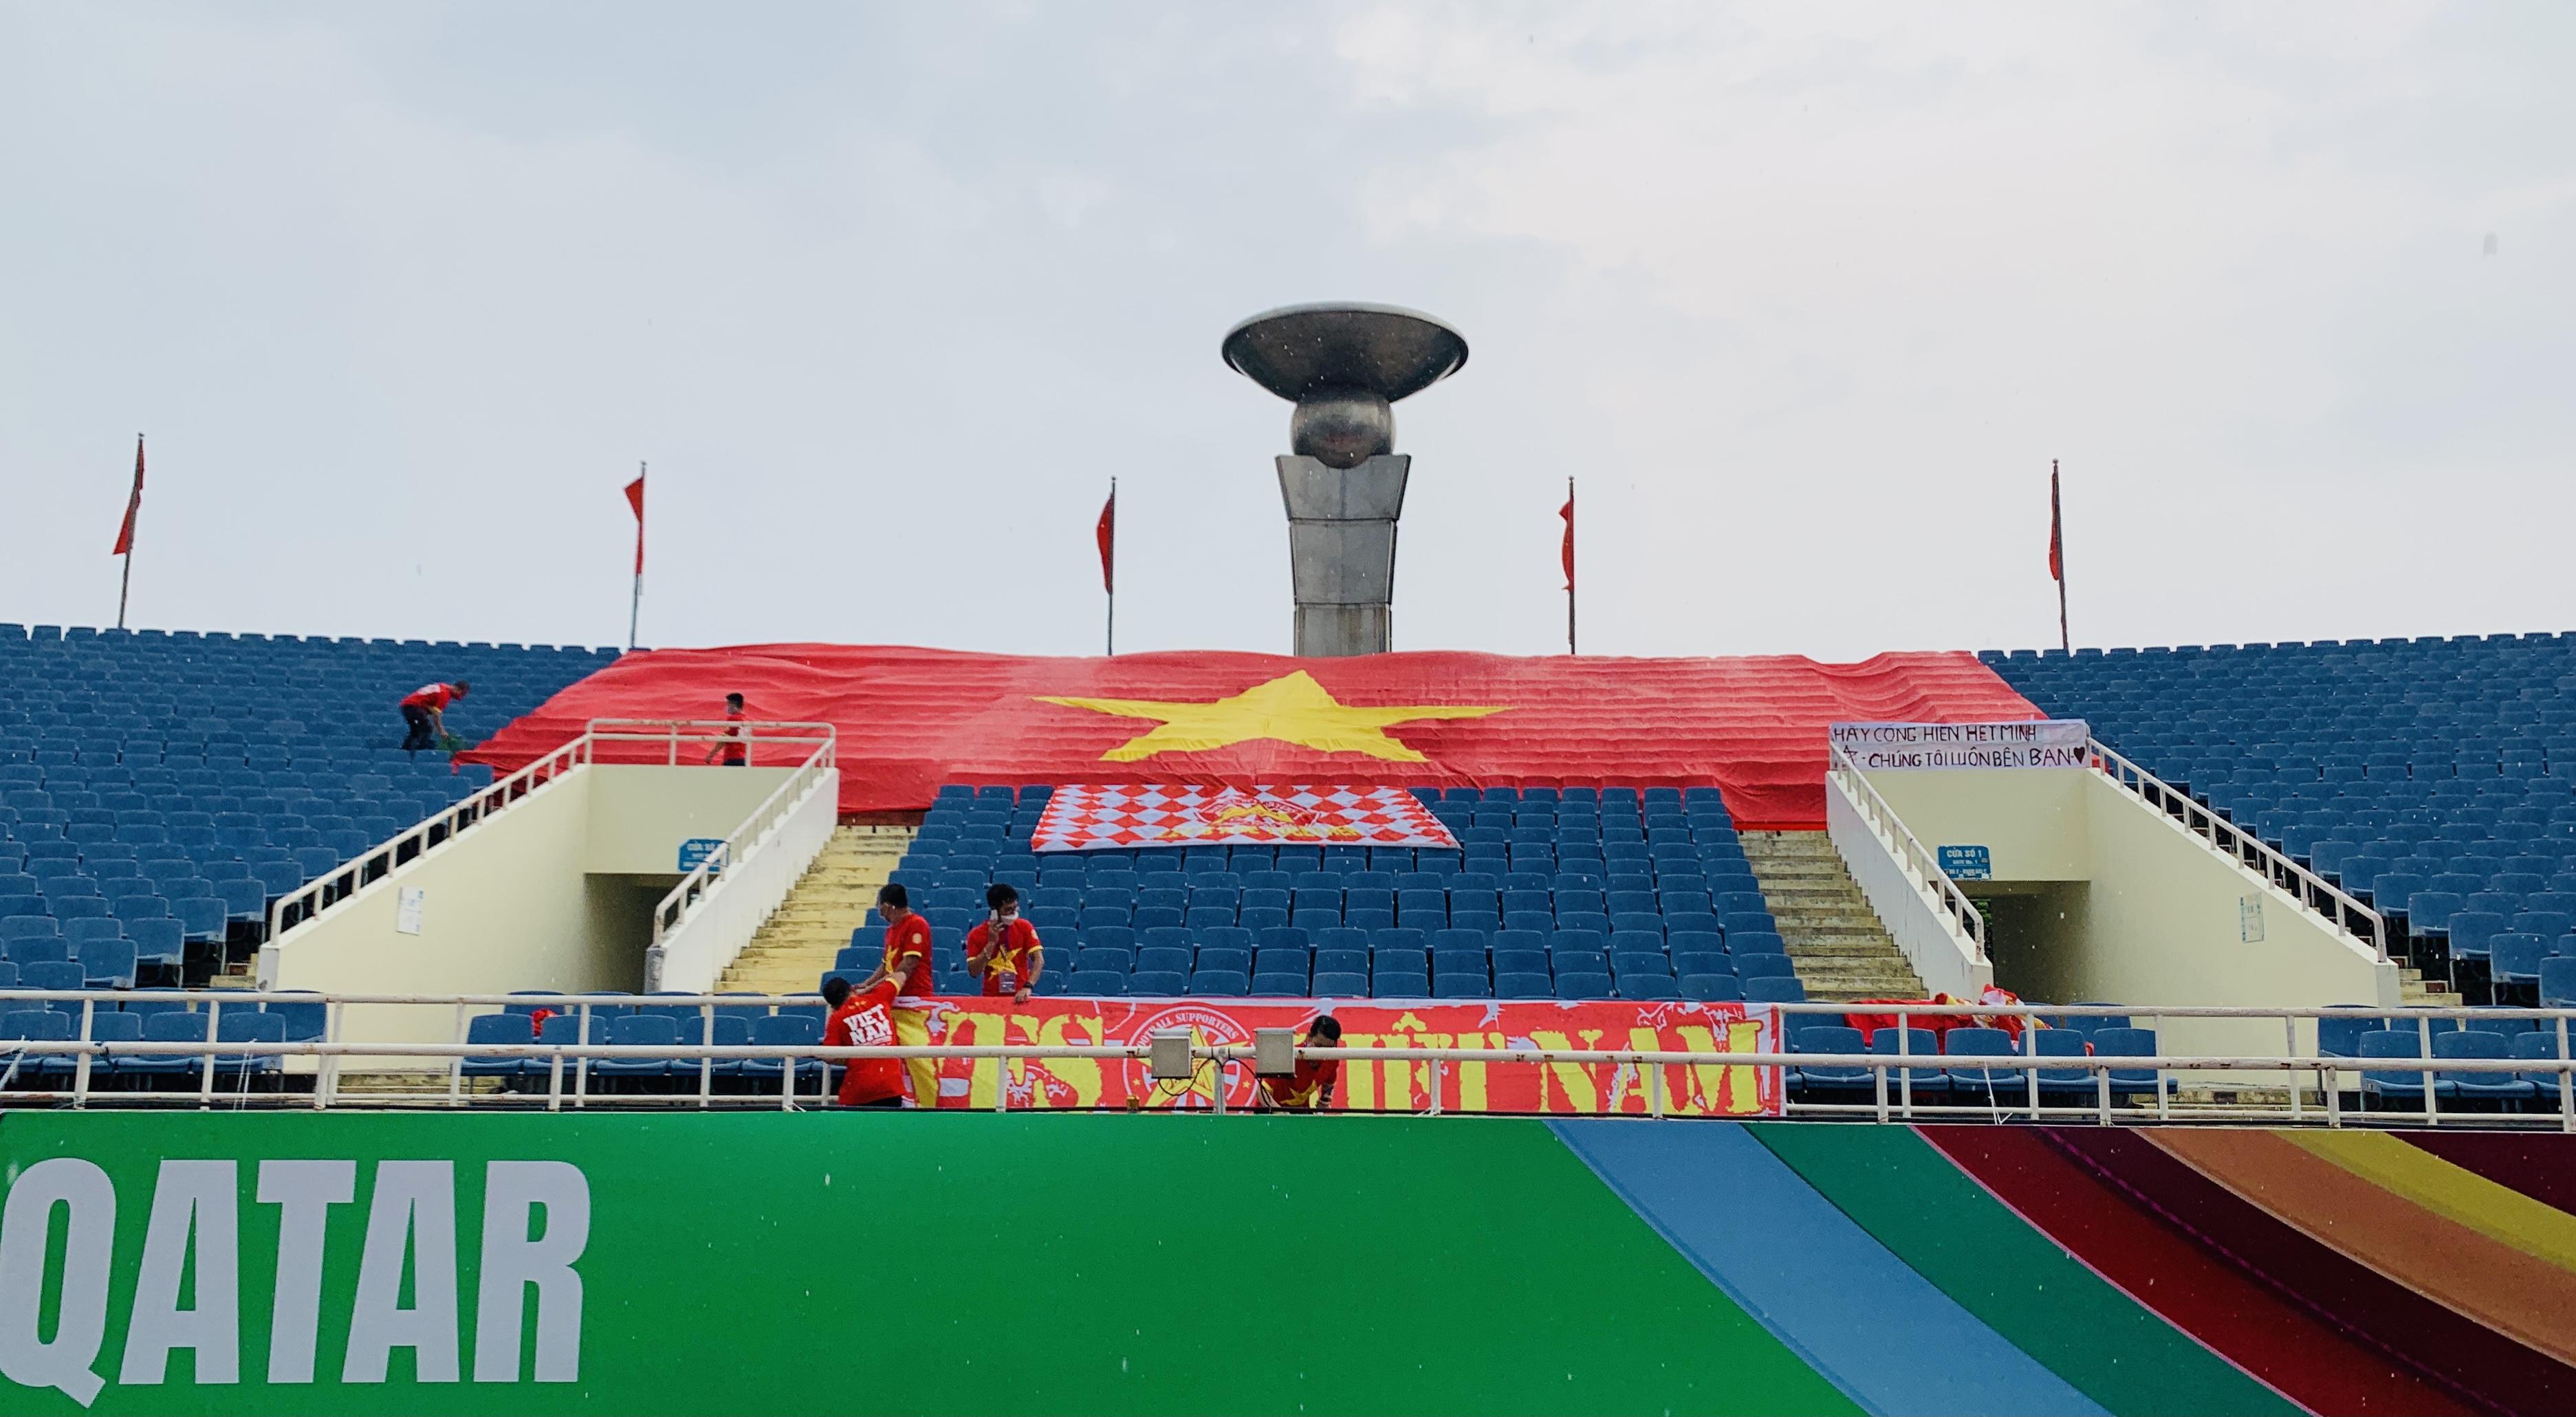 Treo đại kỳ trên sân Mỹ Đình tiếp sức tuyển Việt Nam